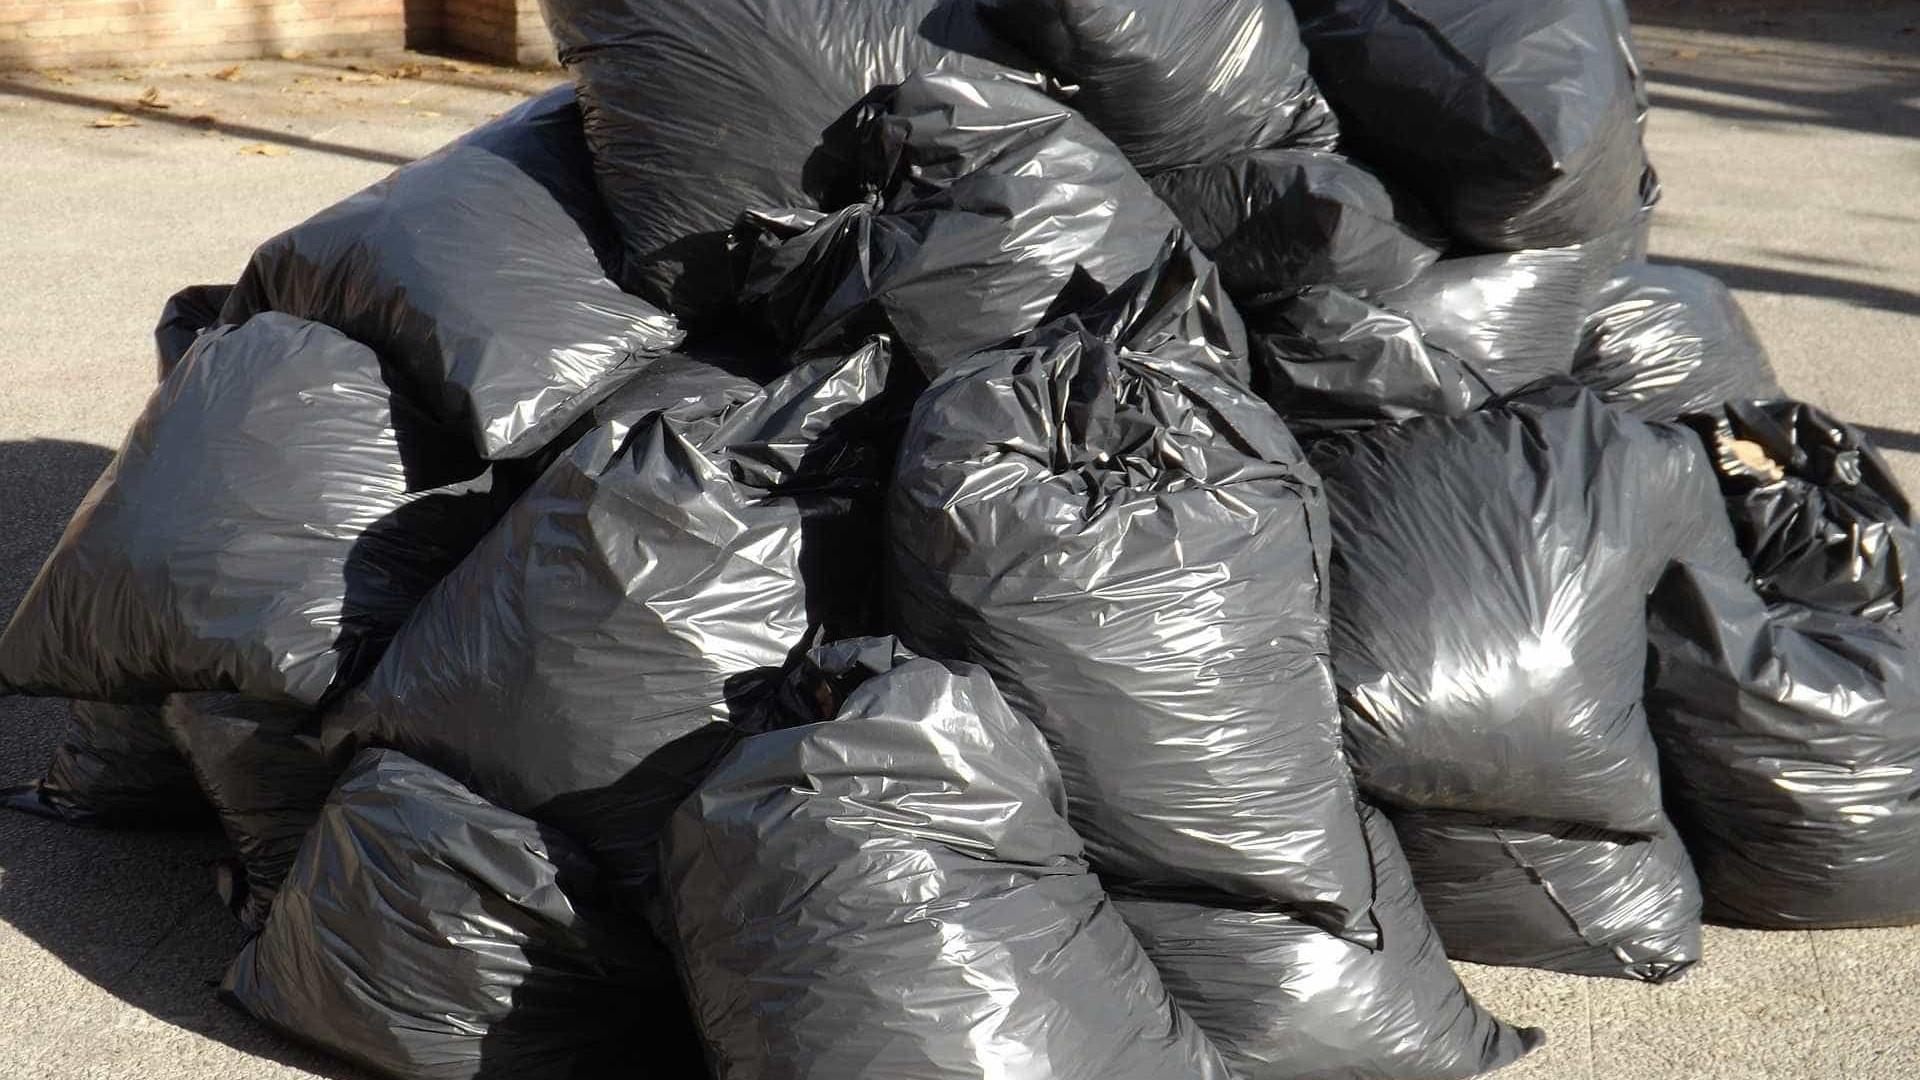 Corpo decapitado é encontrado dentro de saco em Manaus